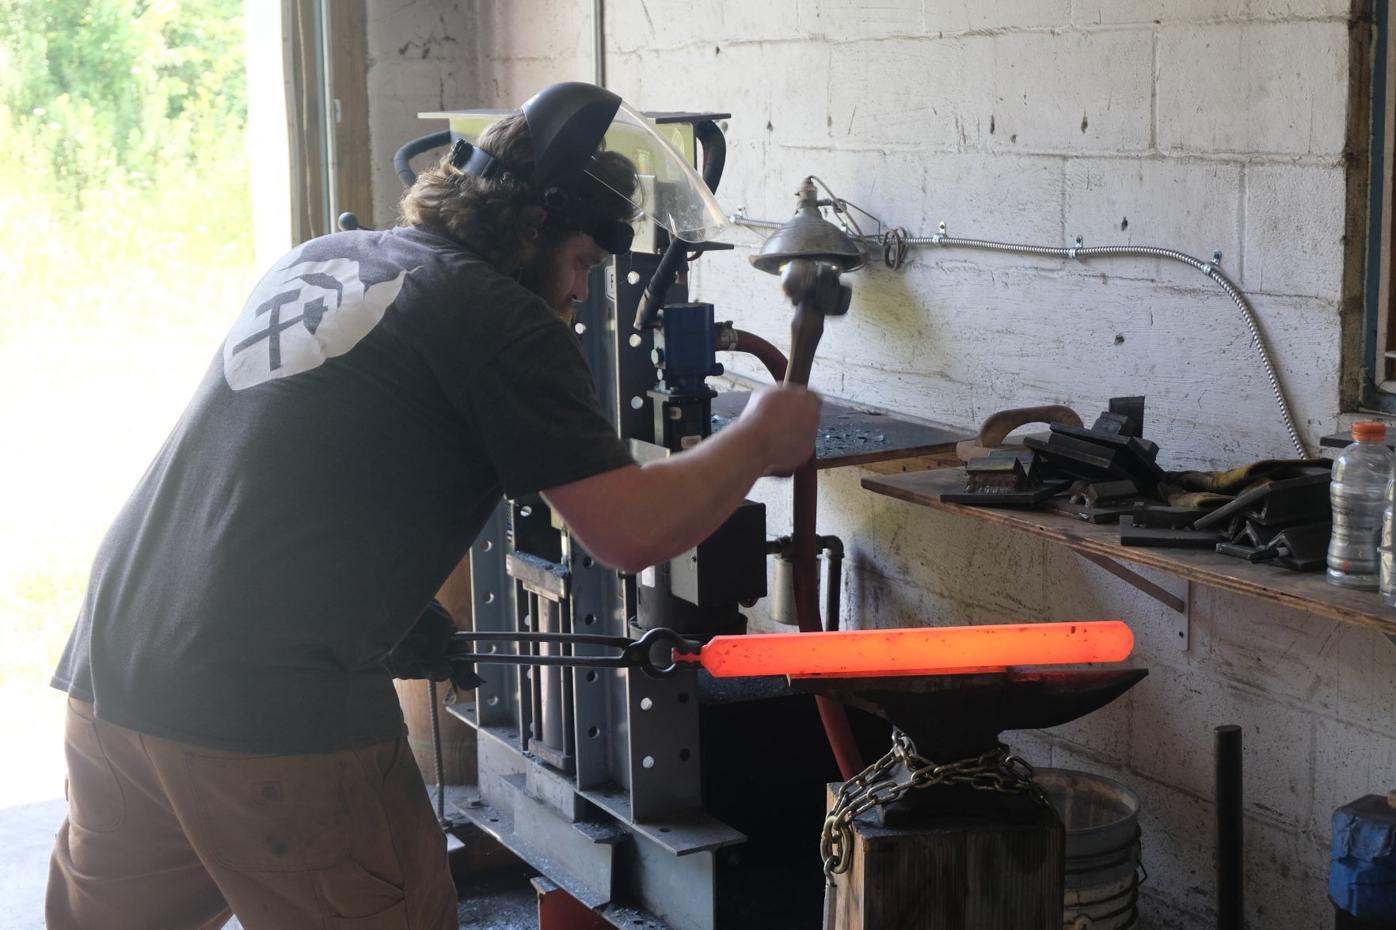 Baker hammering